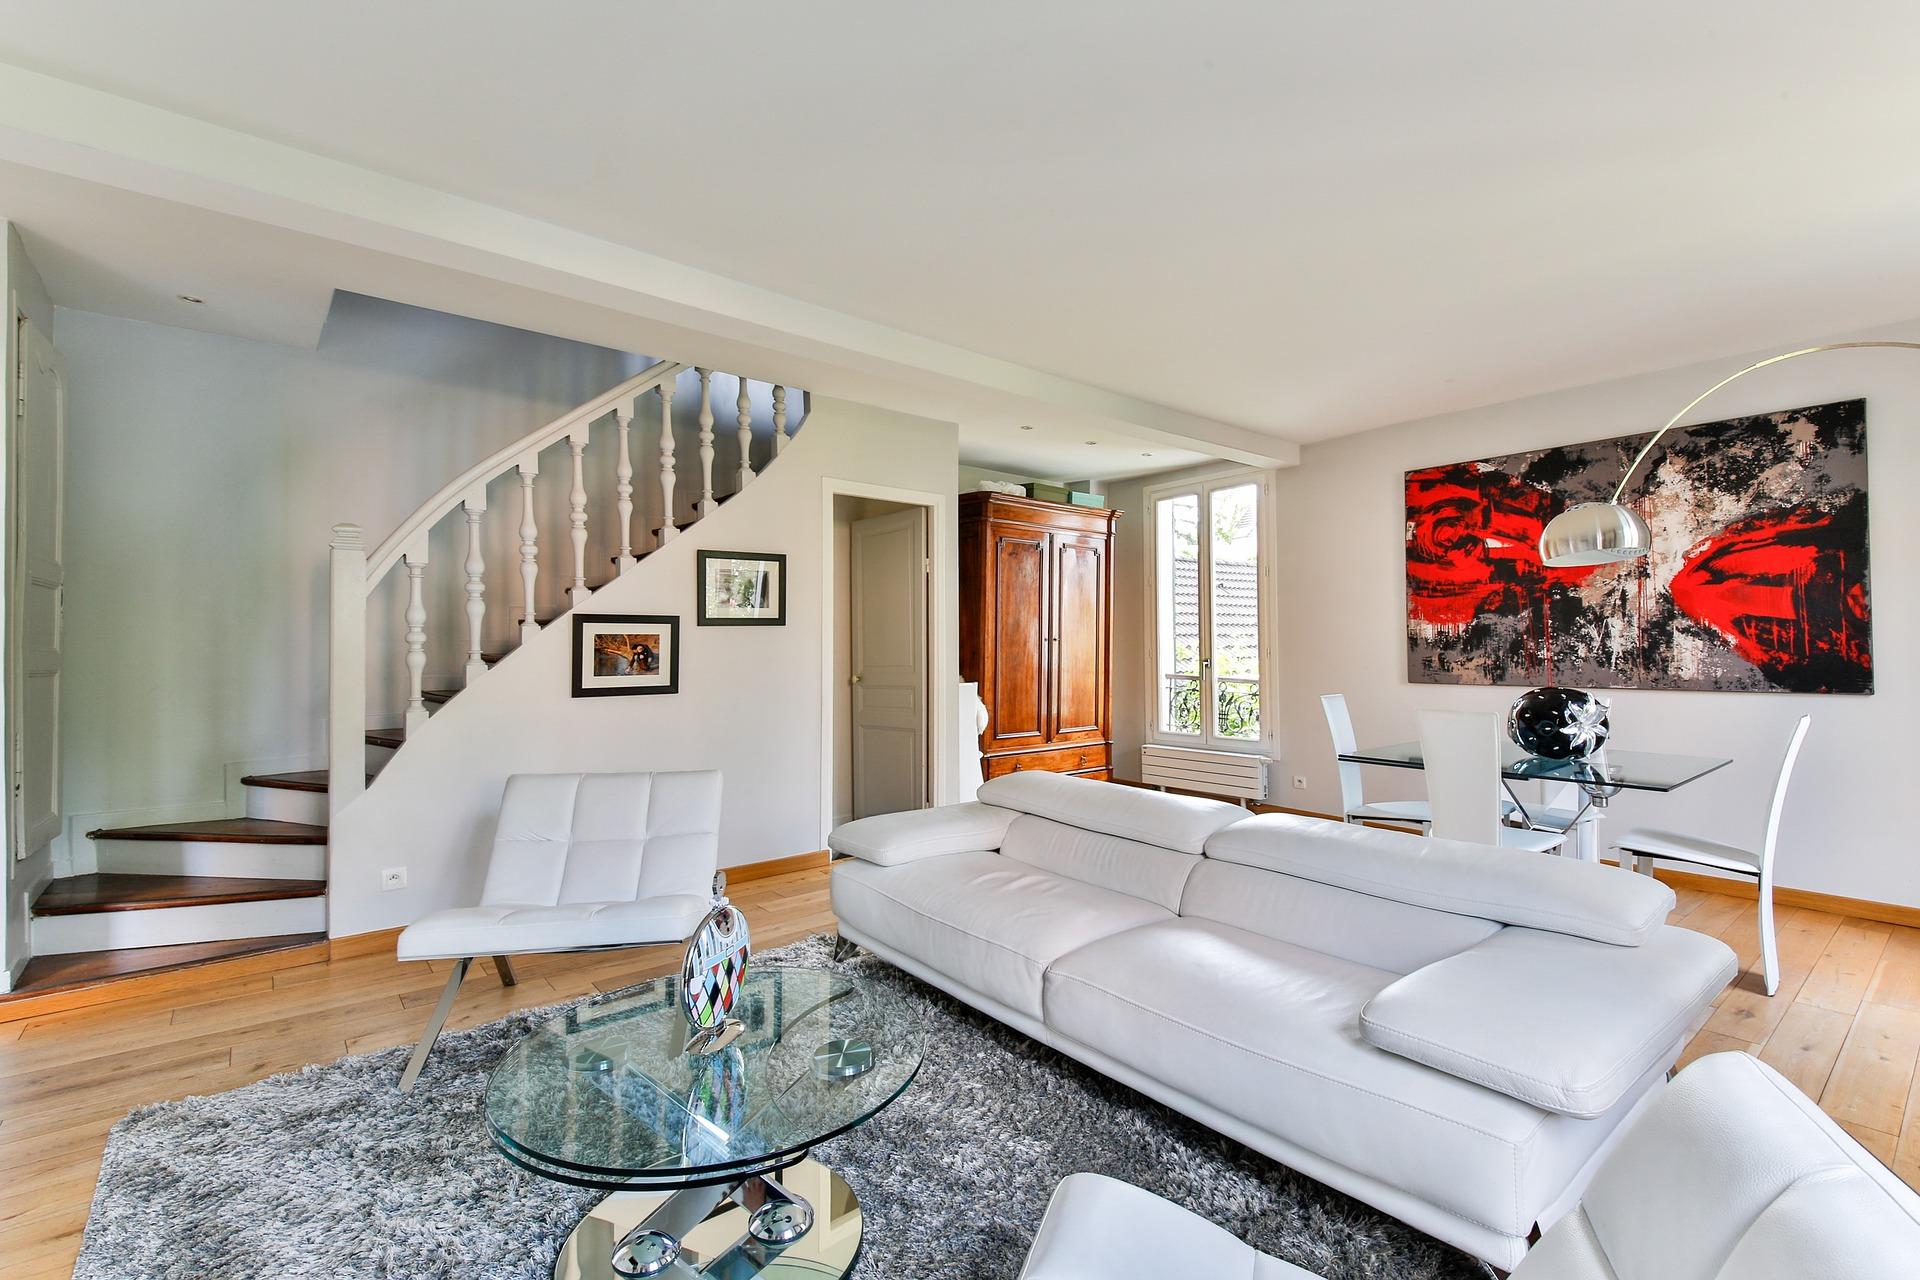 Wohnzimmer Einrichten Diese Stelle Ist Für Das Sofa Tabu Wohnen